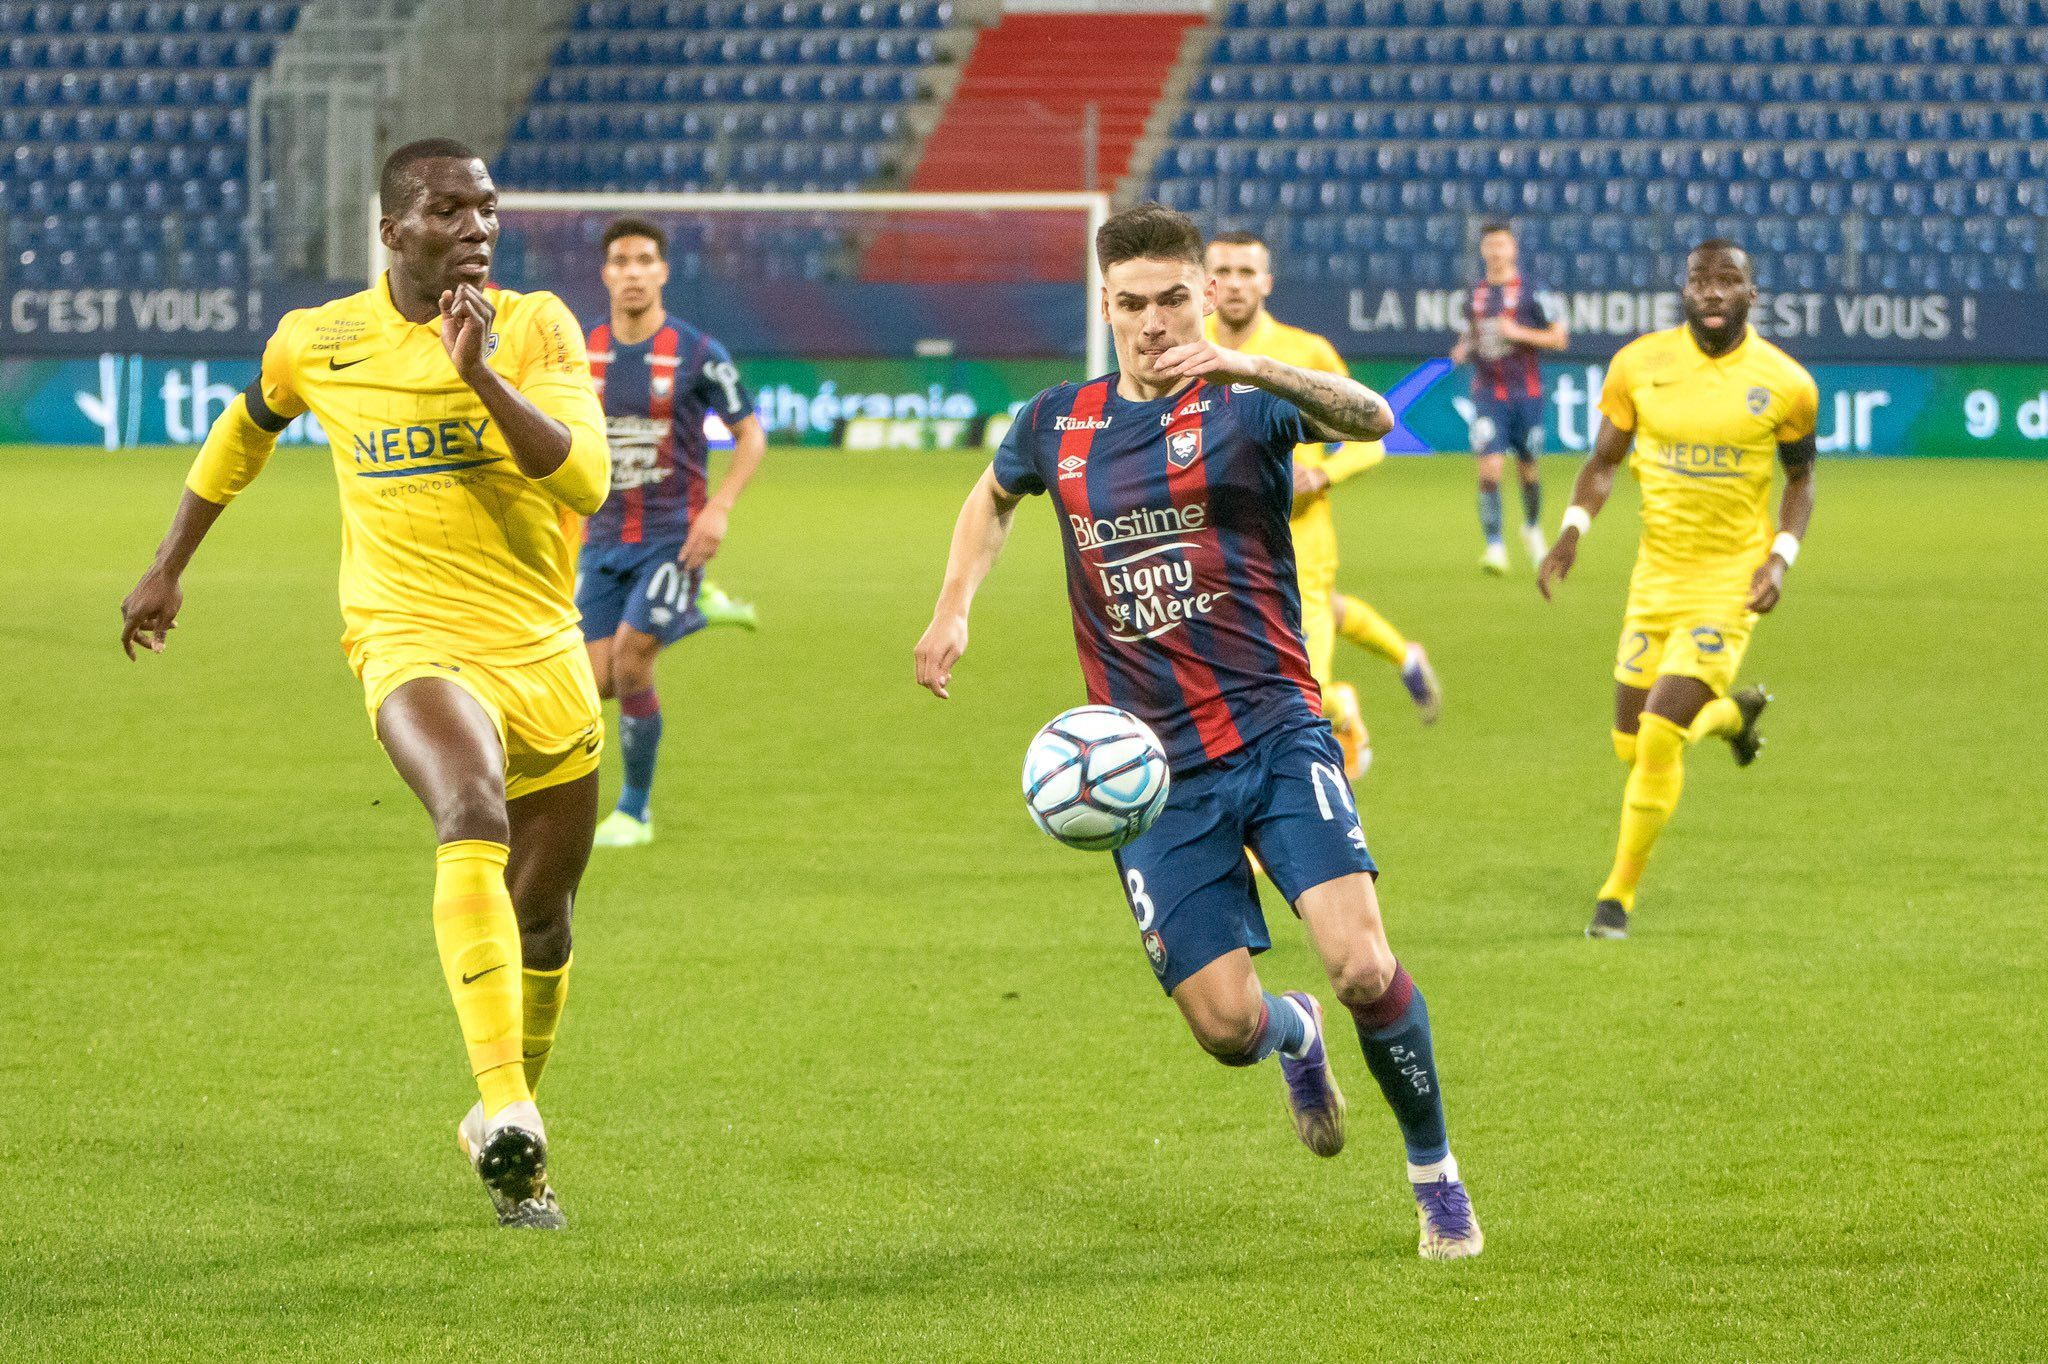 Les notes des joueurs caennais après la claque contre Sochaux (1-4)